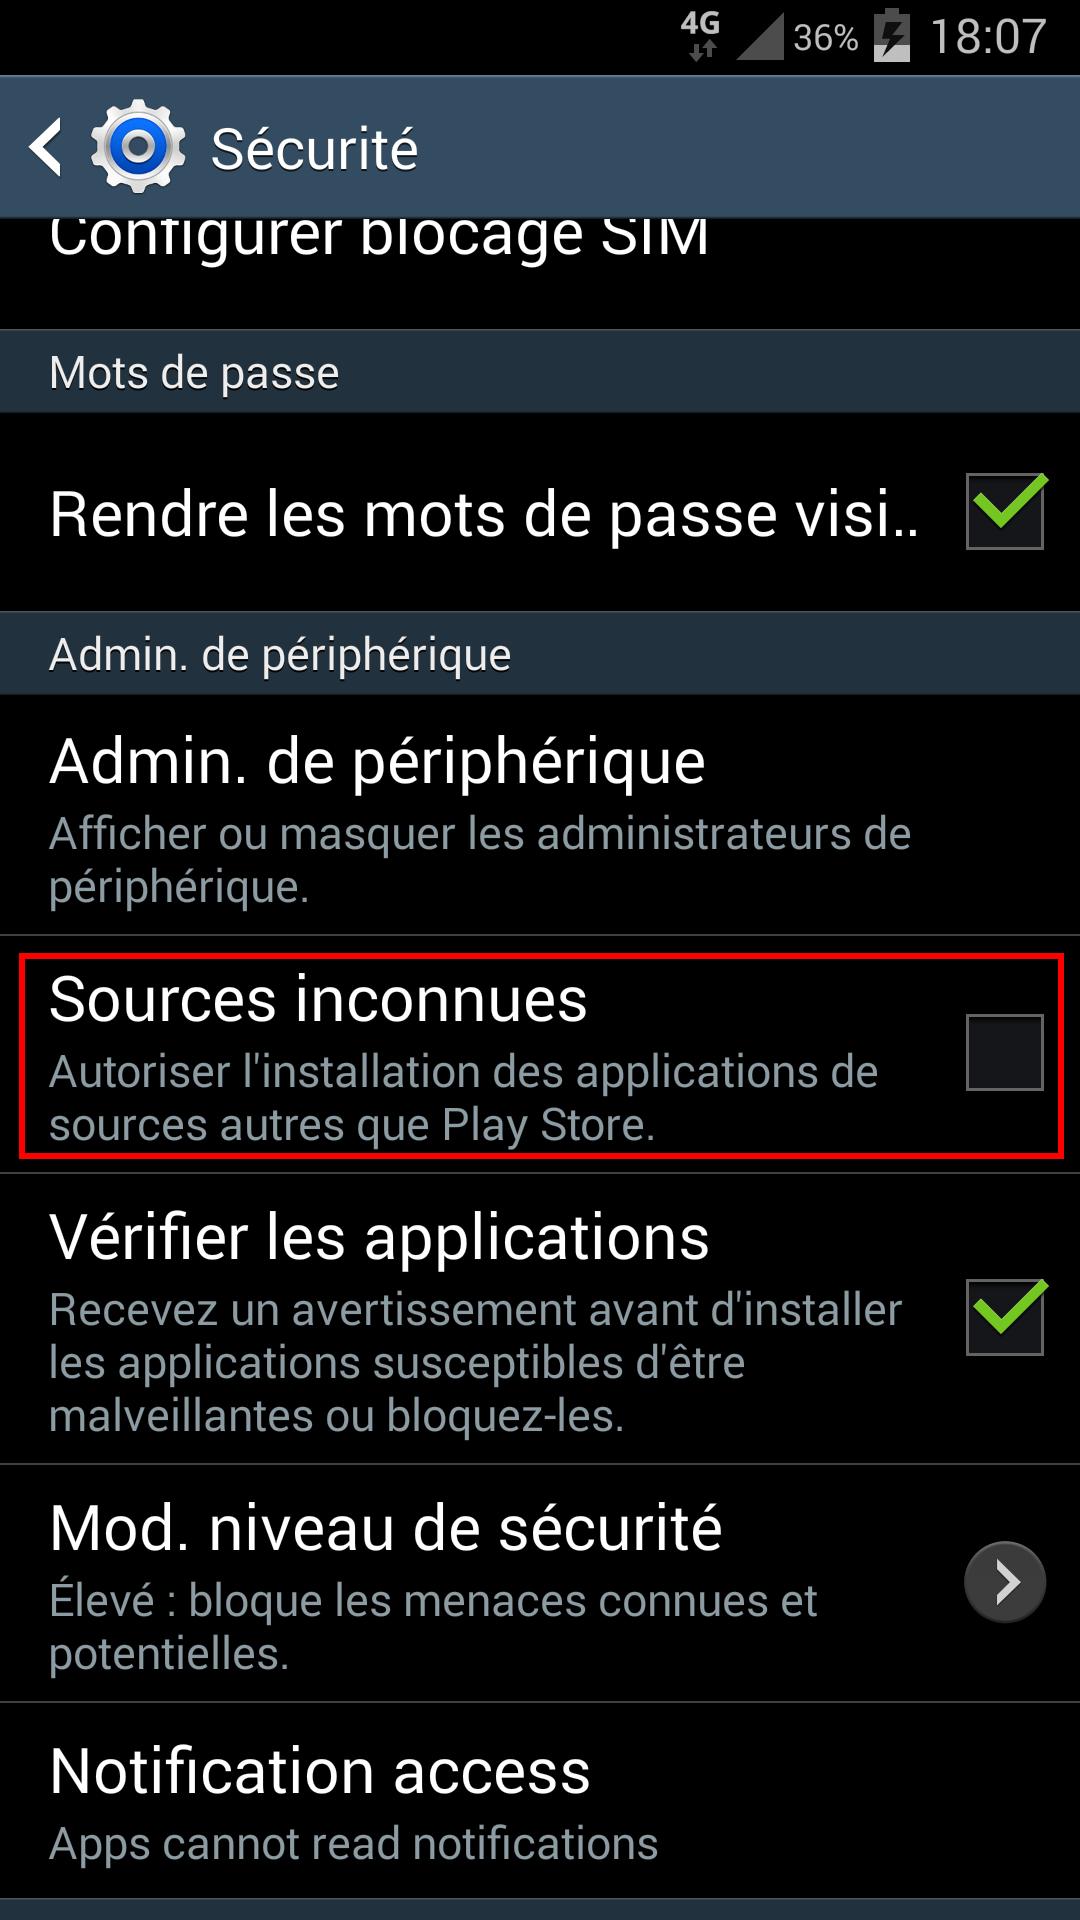 Paramètres / Sécurité / Sources inconnues sur Android 4.4 et surcouche Samsung TouchWiz